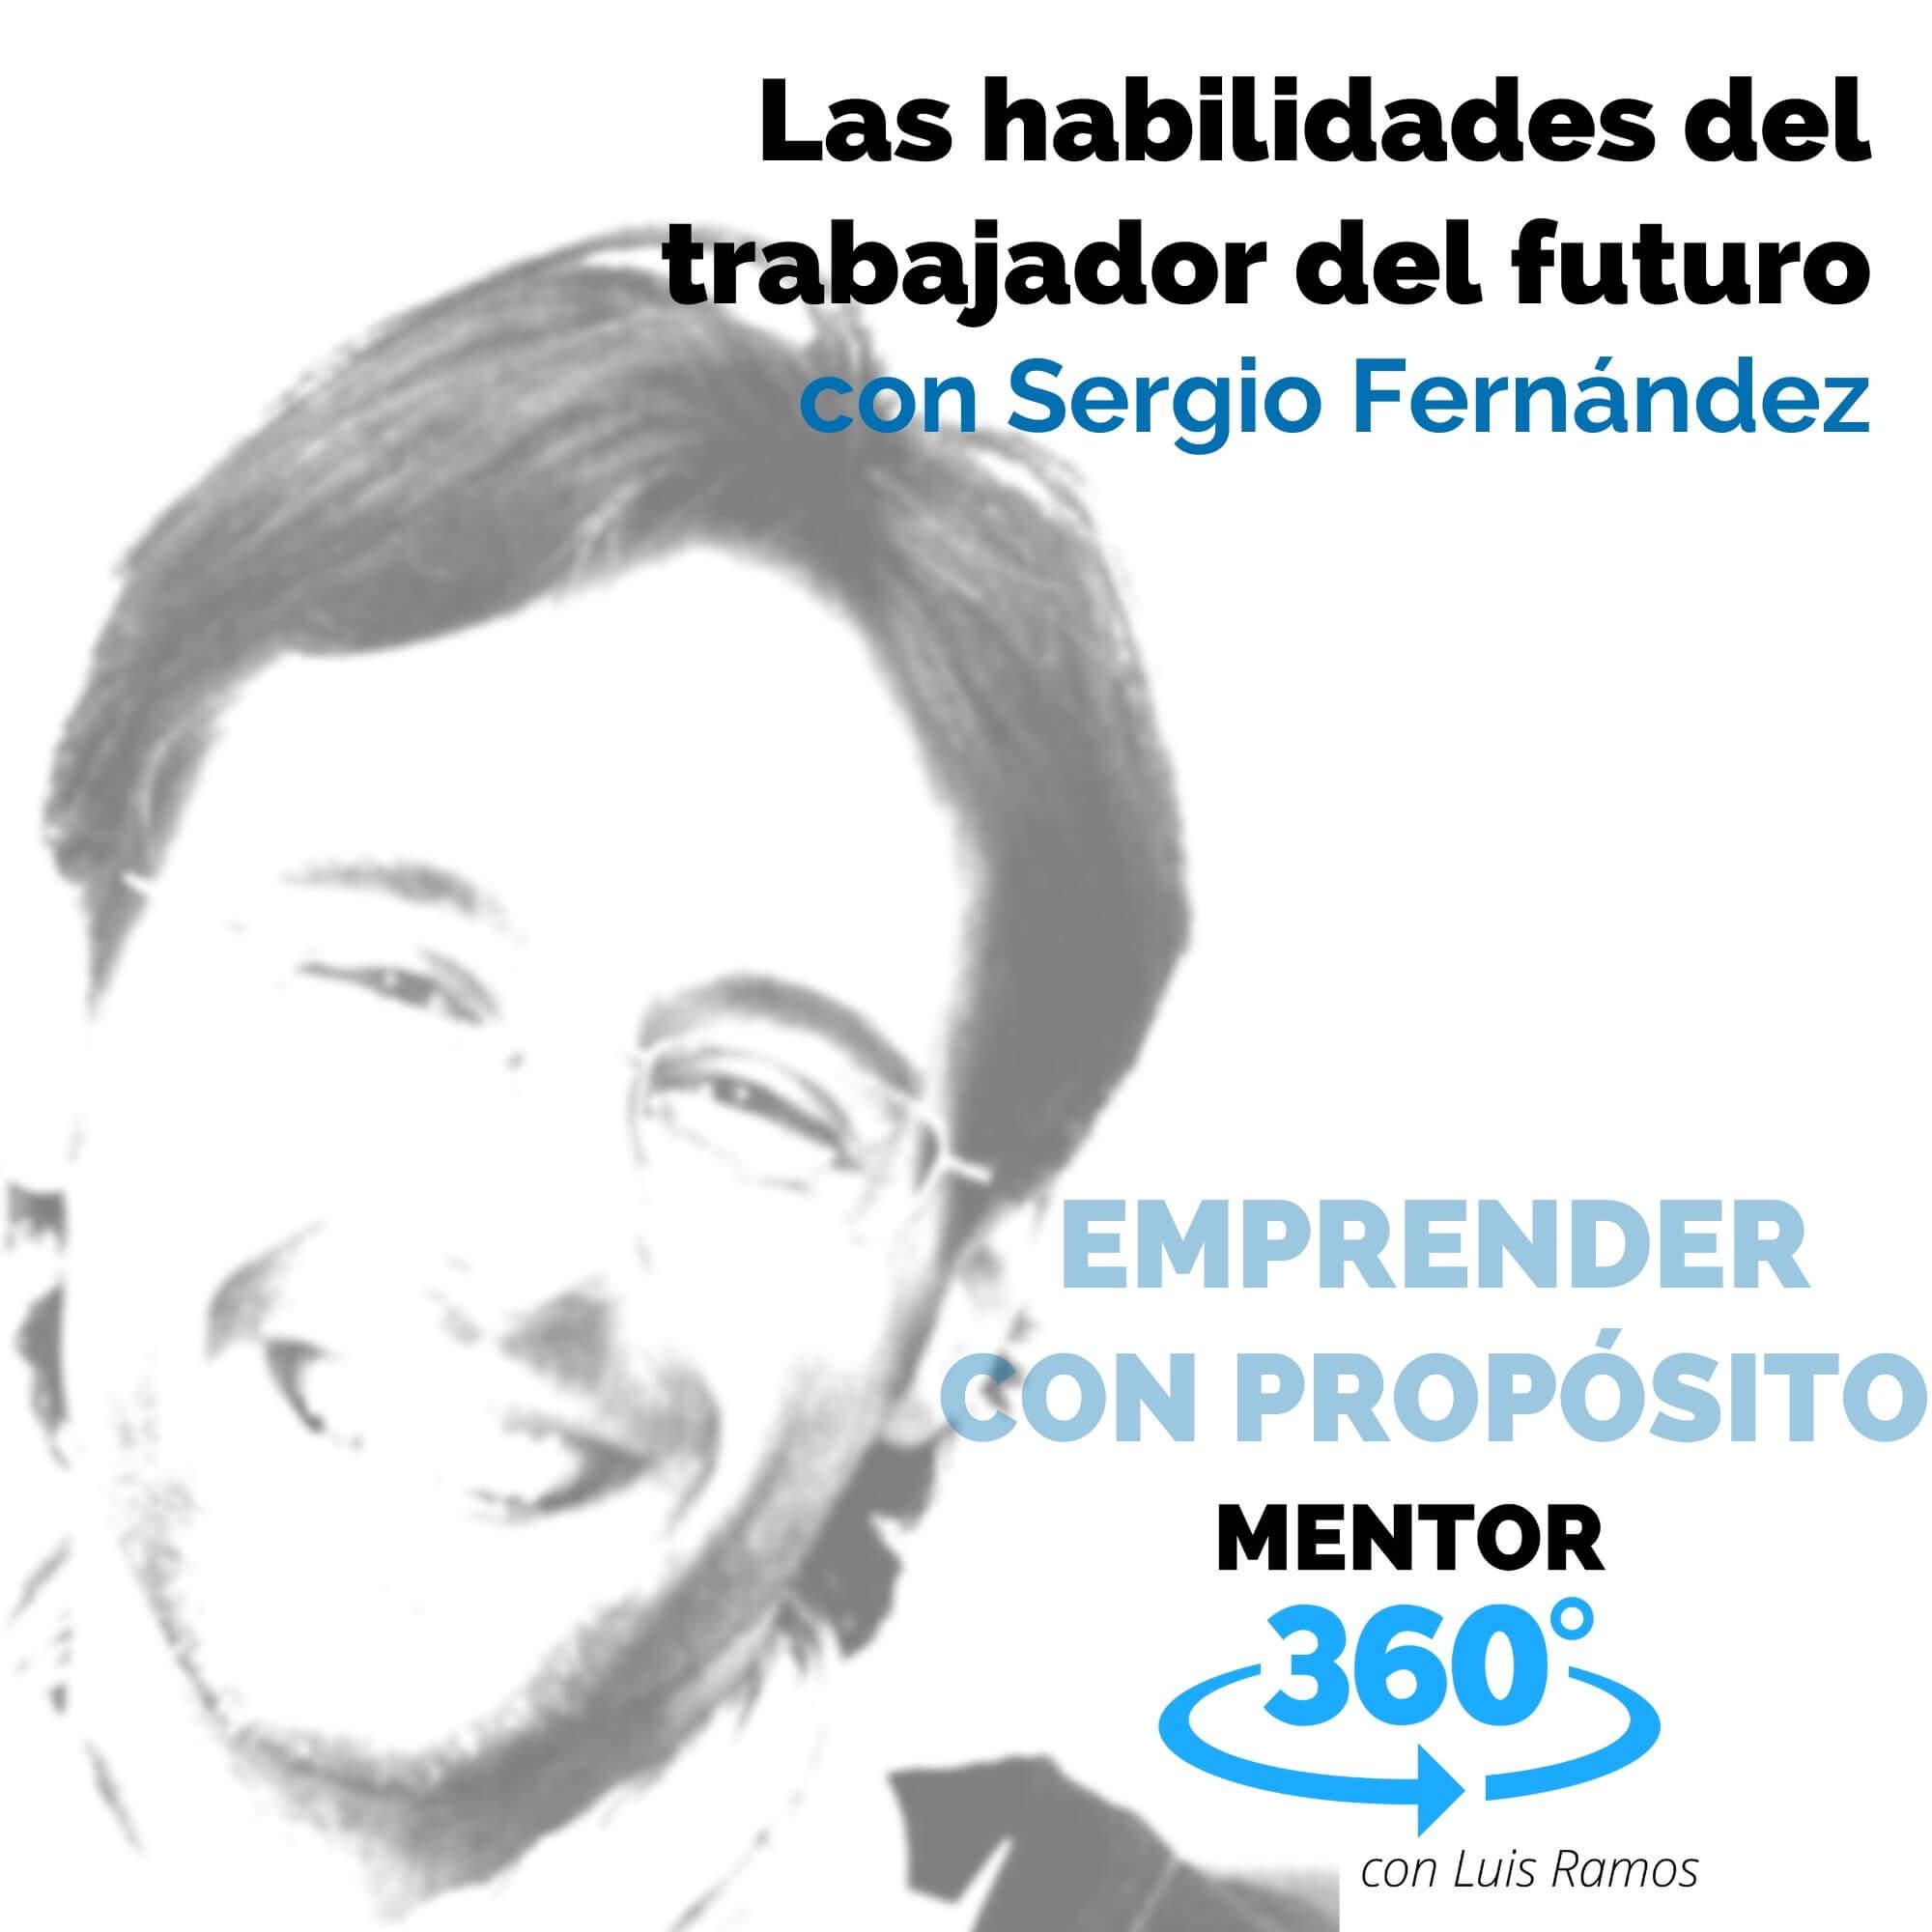 Las habilidades del trabajador del futuro, con Sergio Fernández - EMPRENDER CON PROPÓSITO